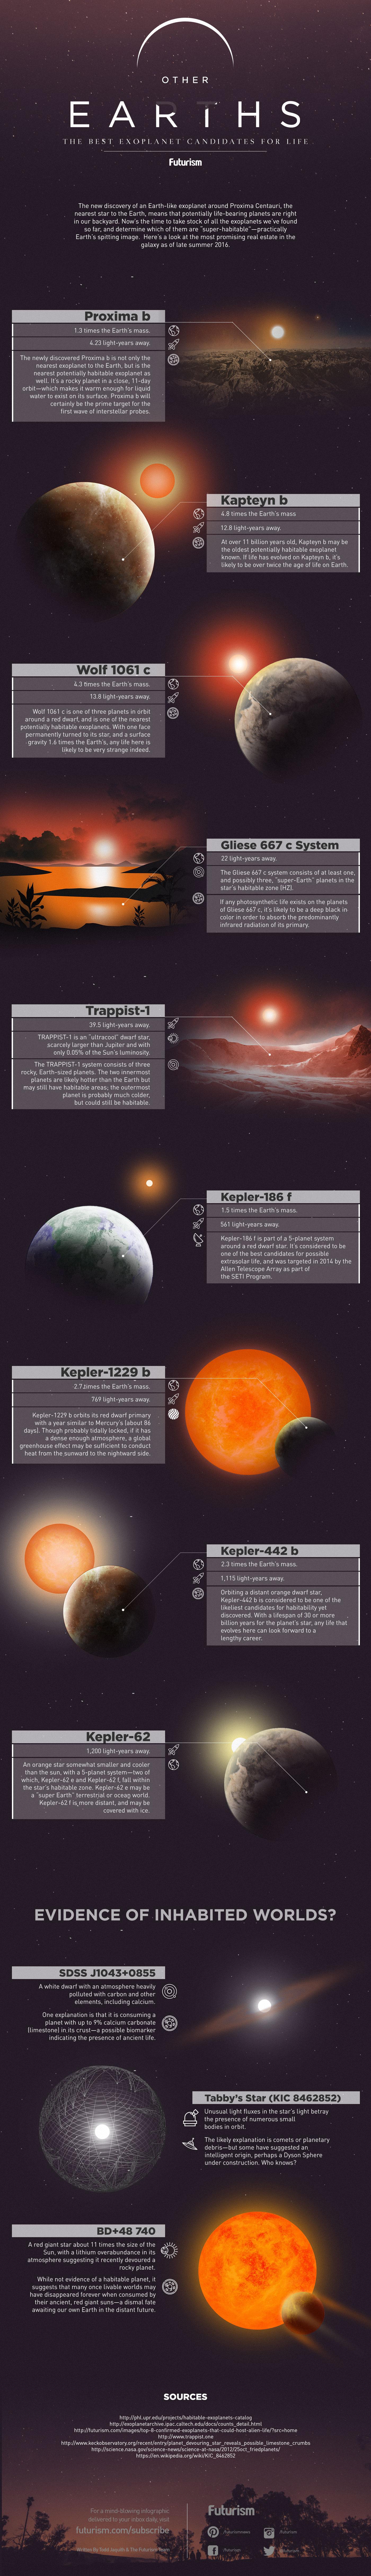 other-earths-v3